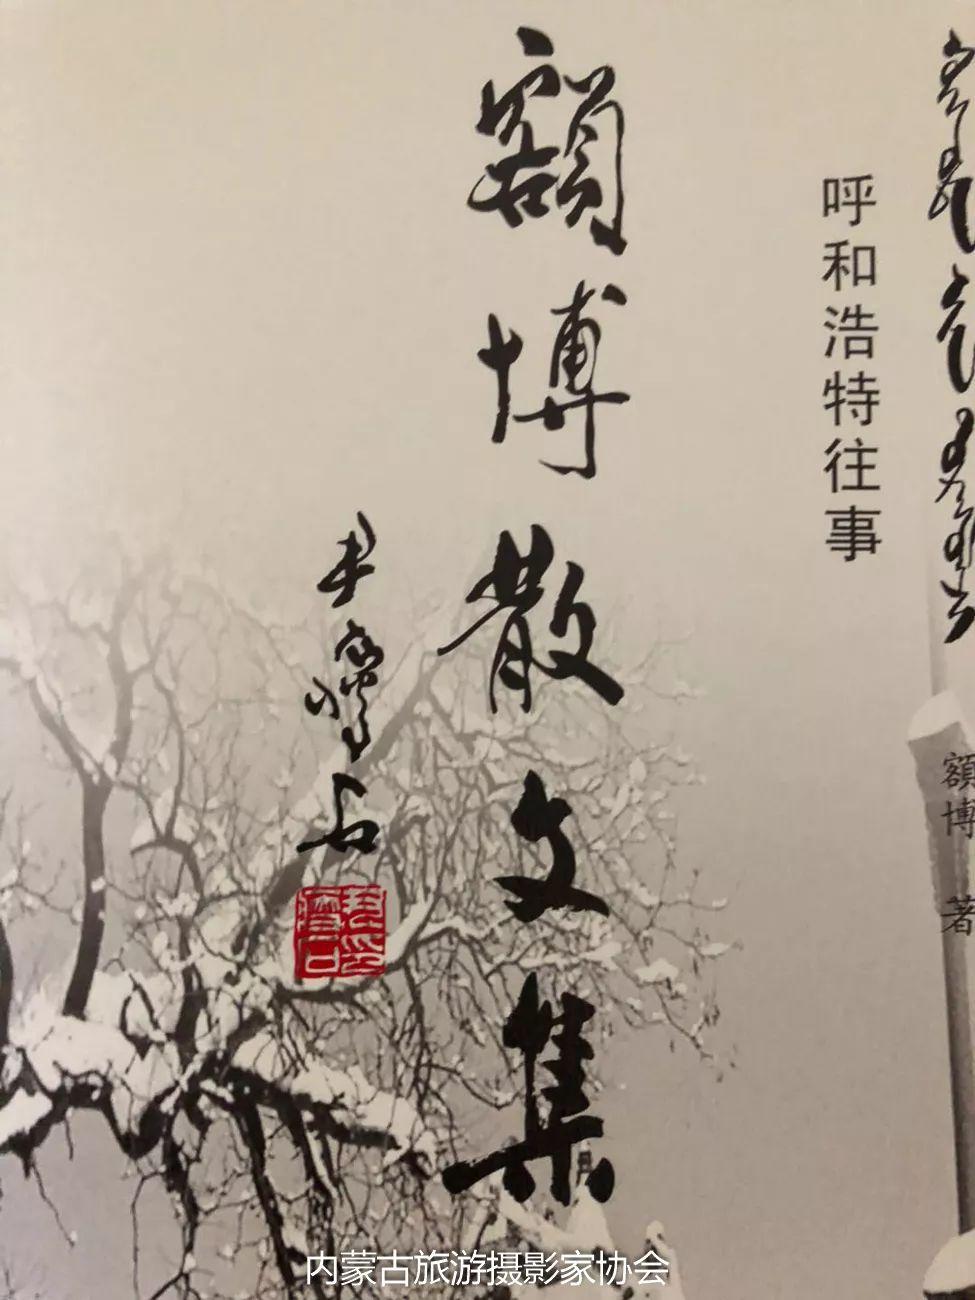 额博丨忆《内蒙古画报》及内蒙古美术摄影创始人尹瘦石先生 第15张